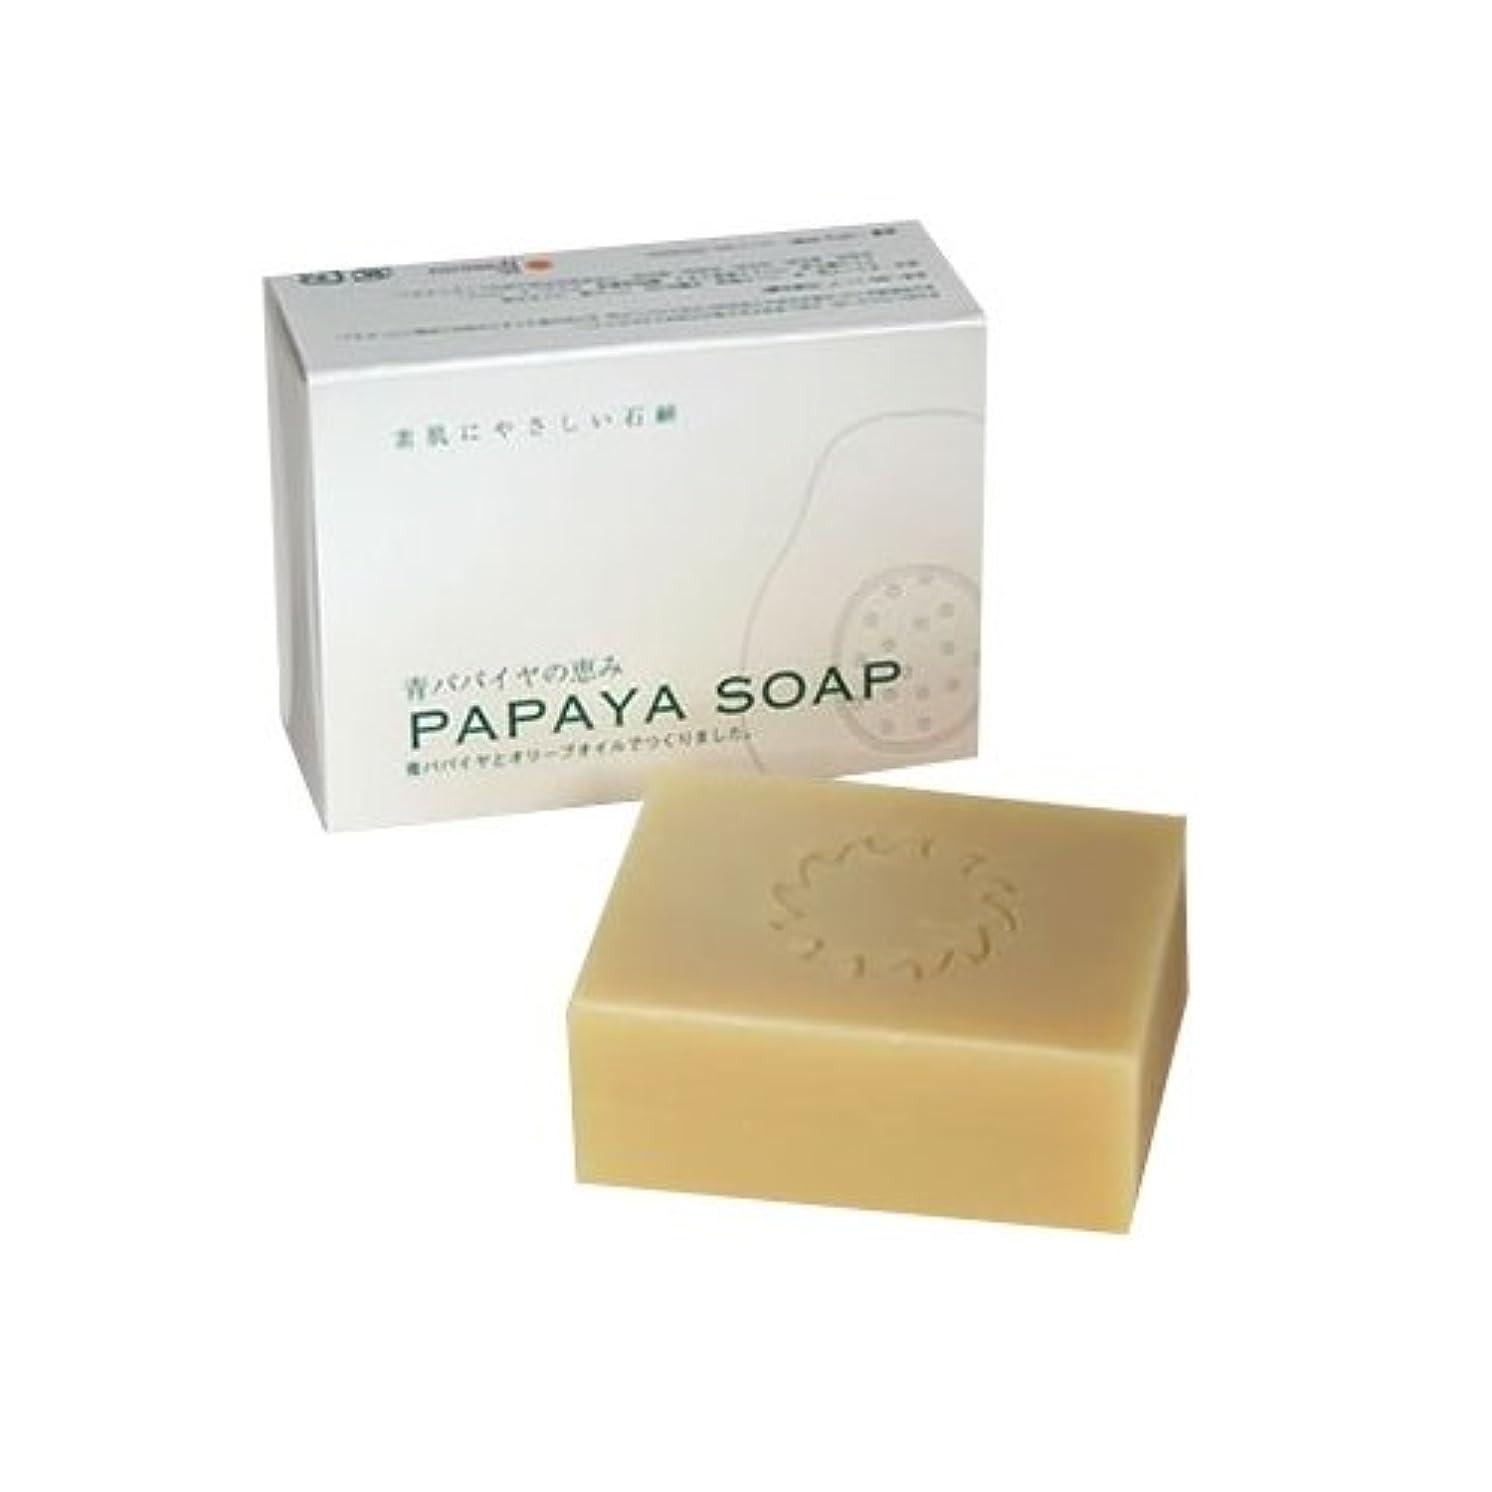 ゴネリルジャンプ豪華な青パパイヤの恵み PAPAYA SOAP(パパイヤソープ) 100g